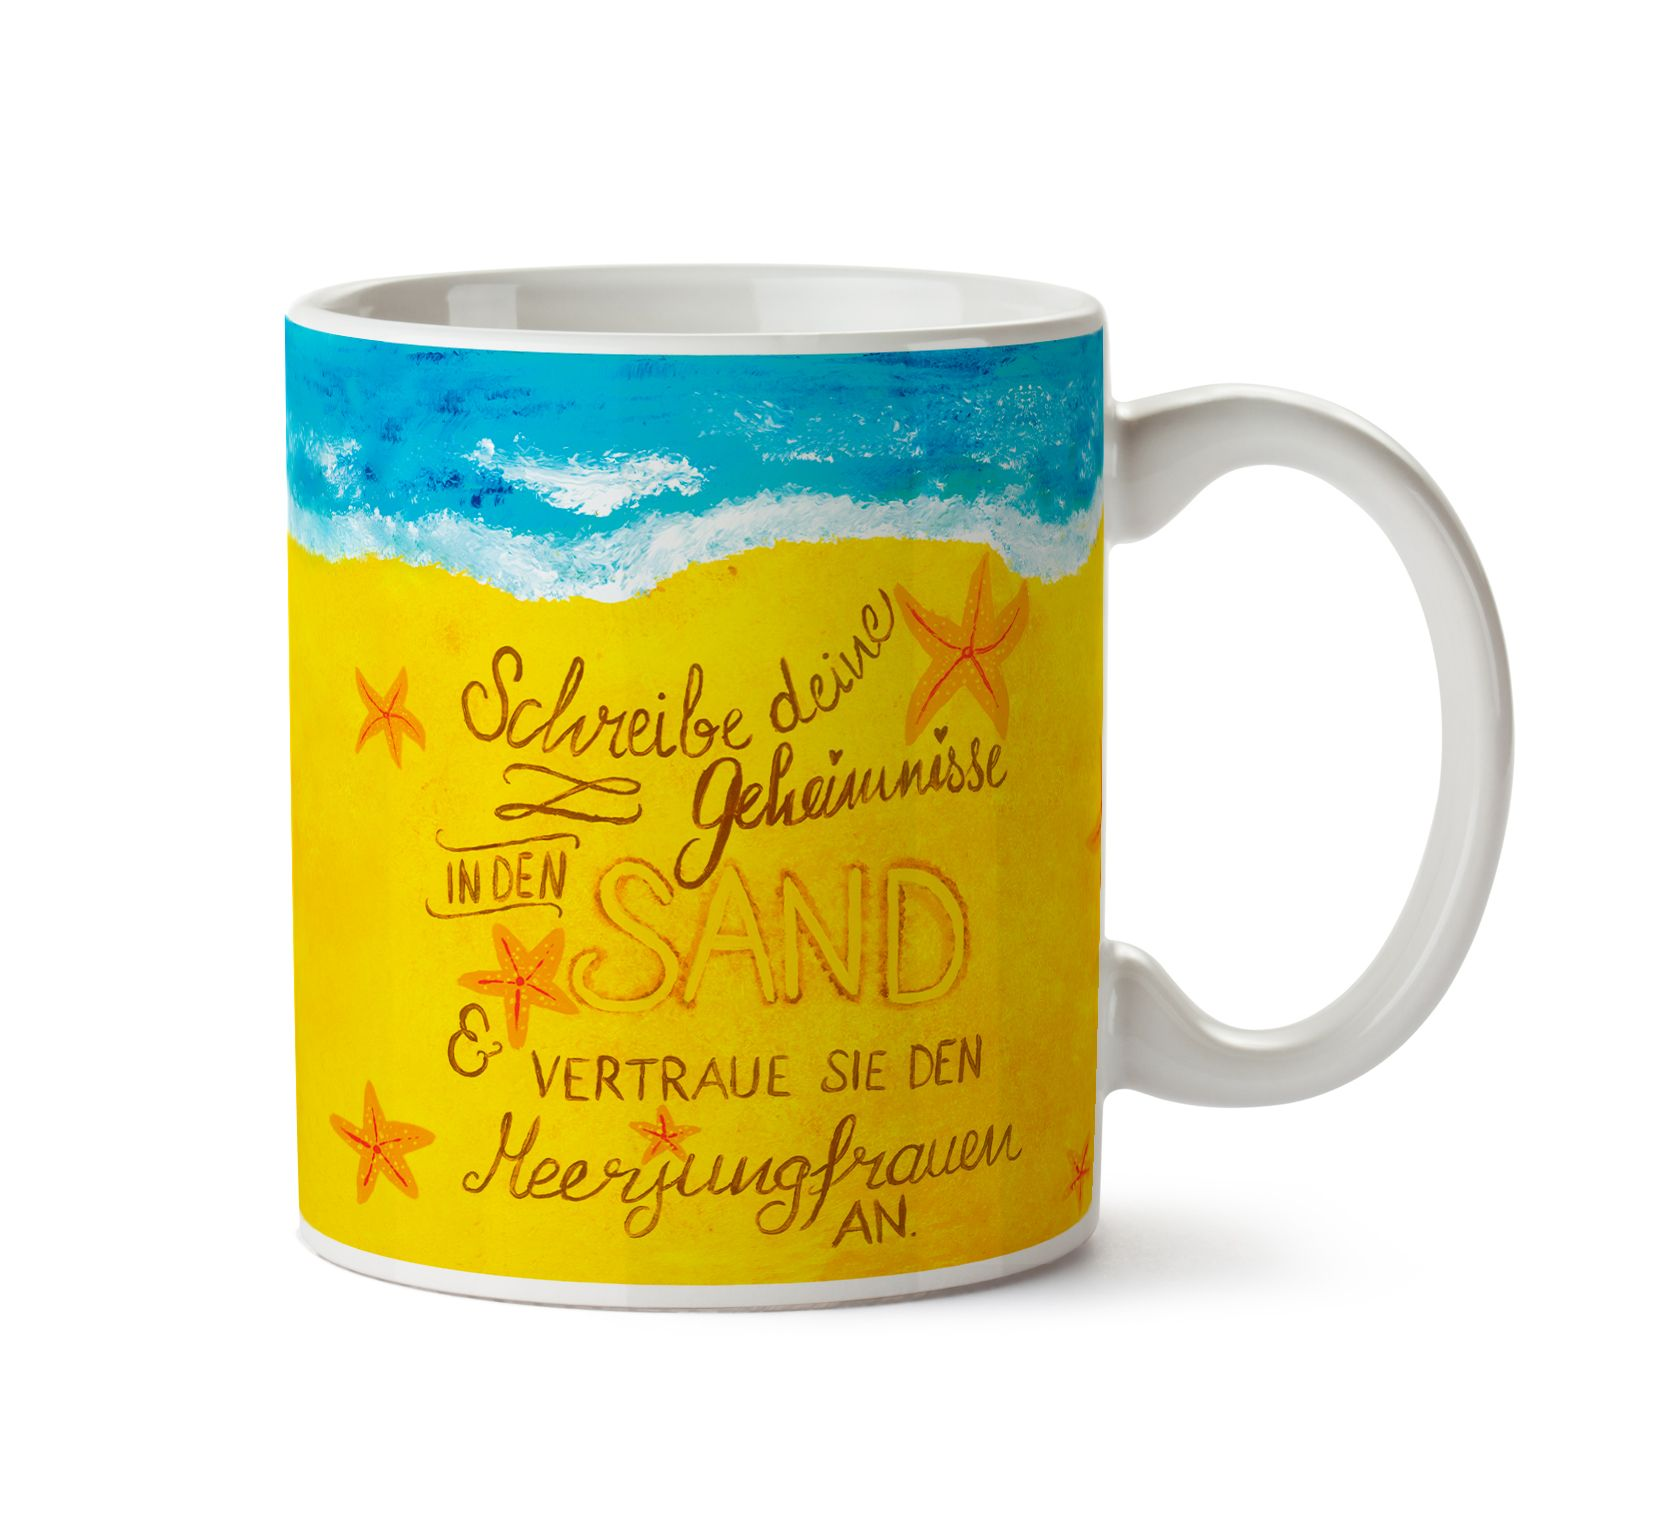 Tasse Geheimnisse Meerjungfrauen  aus Keramik  Weiß - Das Original von Mr. & Mrs. Panda.  Eine wunderschöne spülmaschinenfeste Keramiktasse (bis zu 2000 Waschgänge!!!) aus dem Hause Mr. & Mrs. Panda, liebevoll verziert mit handentworfenen Sprüchen, Motiven und Zeichnungen. Unsere Tassen sind immer ein besonders liebevolles und einzigartiges Geschenk. Jede Tasse wird von Mrs. Panda entworfen und in liebevoller Arbeit in unserer Manufaktur in Norddeutschland gefertigt.     Über unser Motiv…